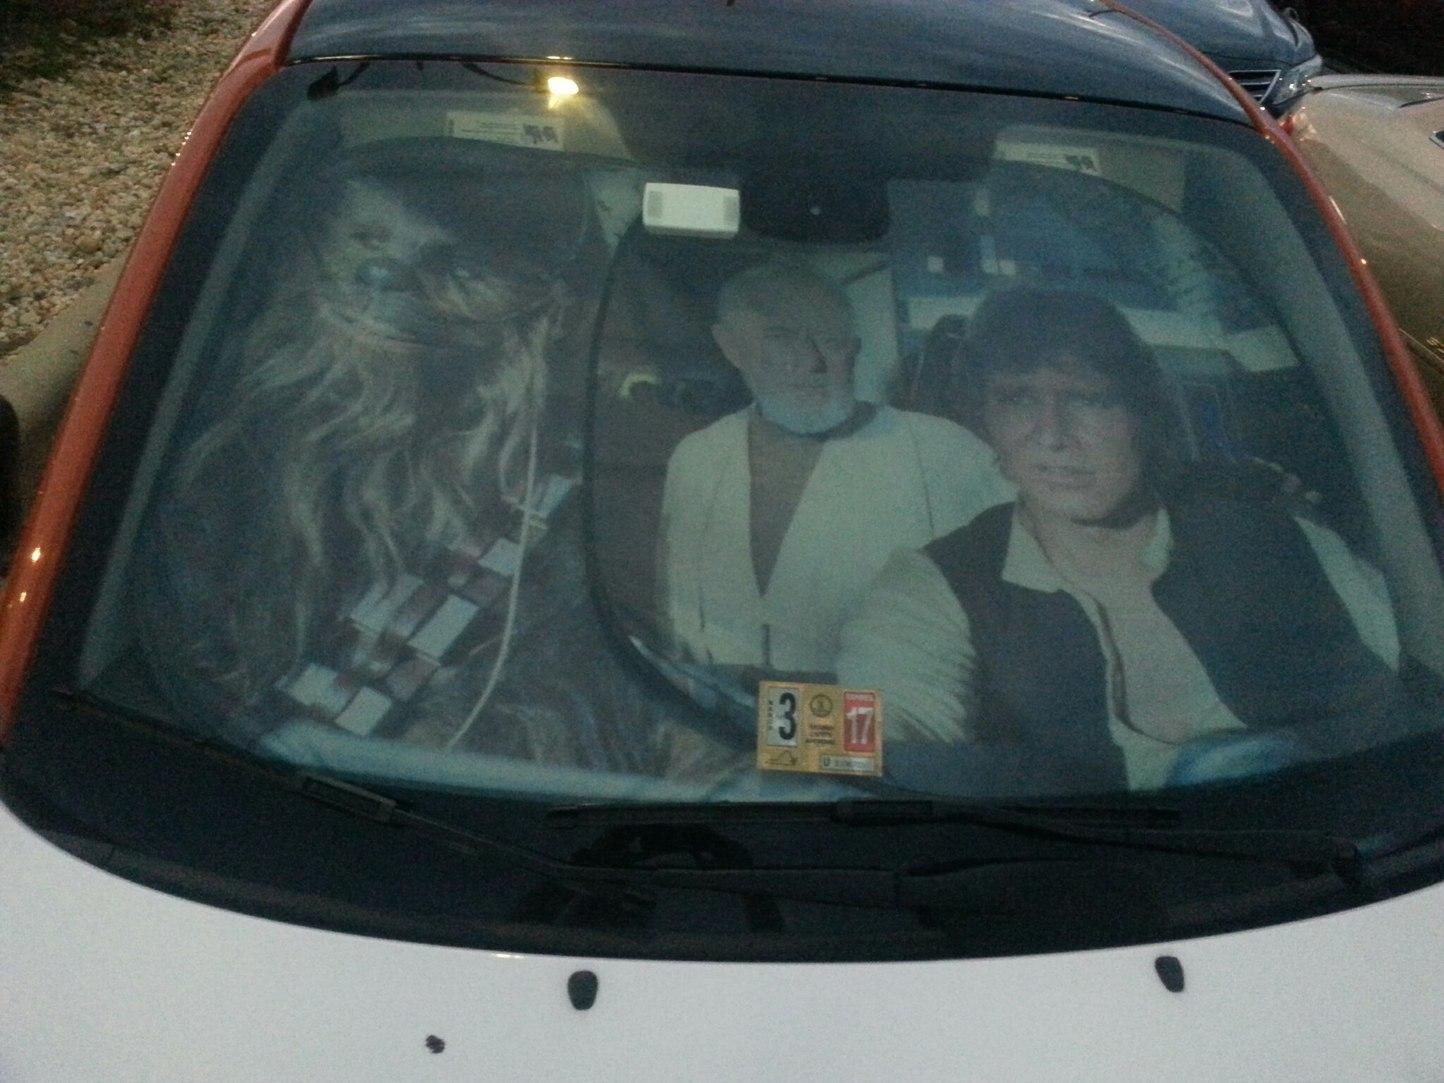 That's no windshield visor.... - meme